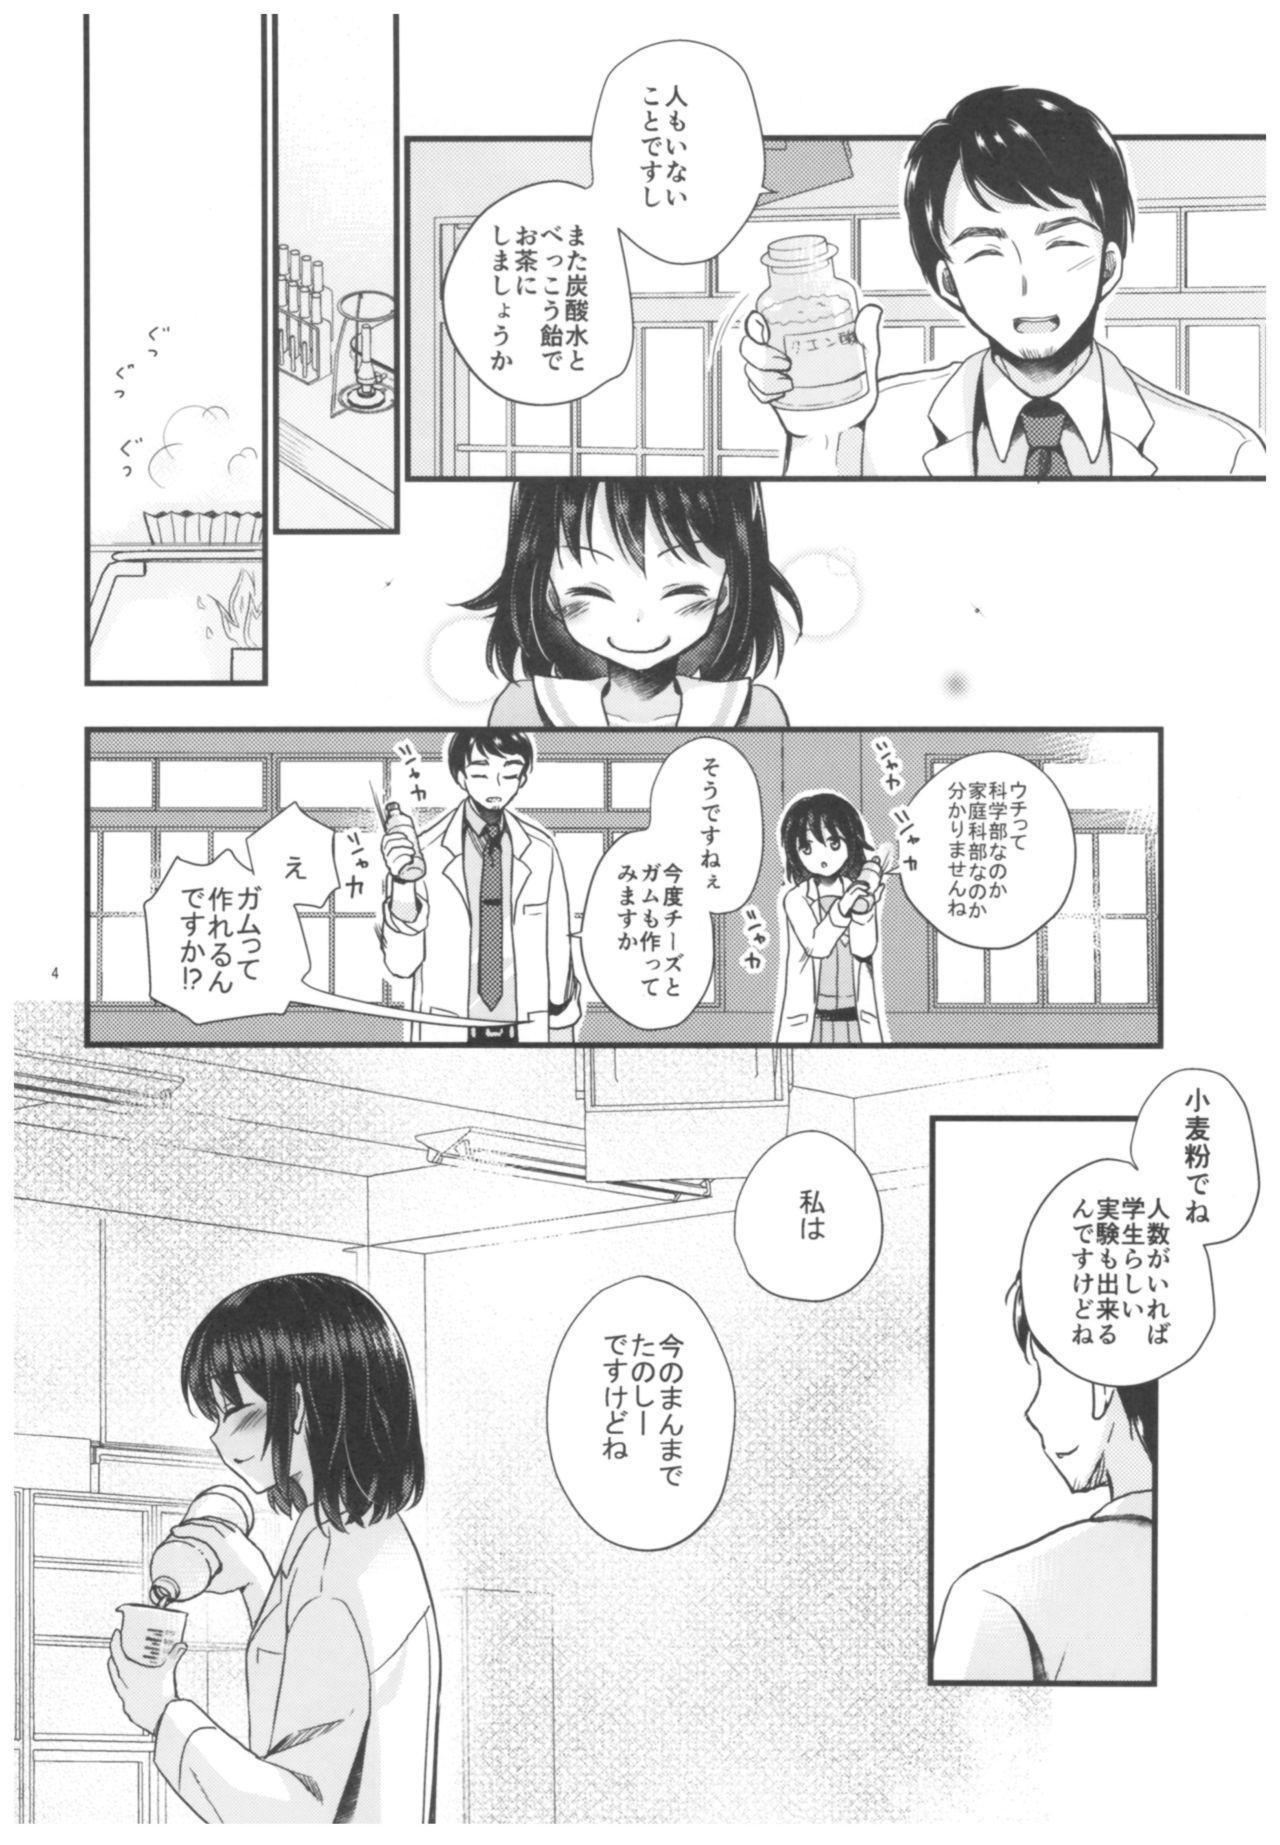 Houkago no Rikashitsu 4